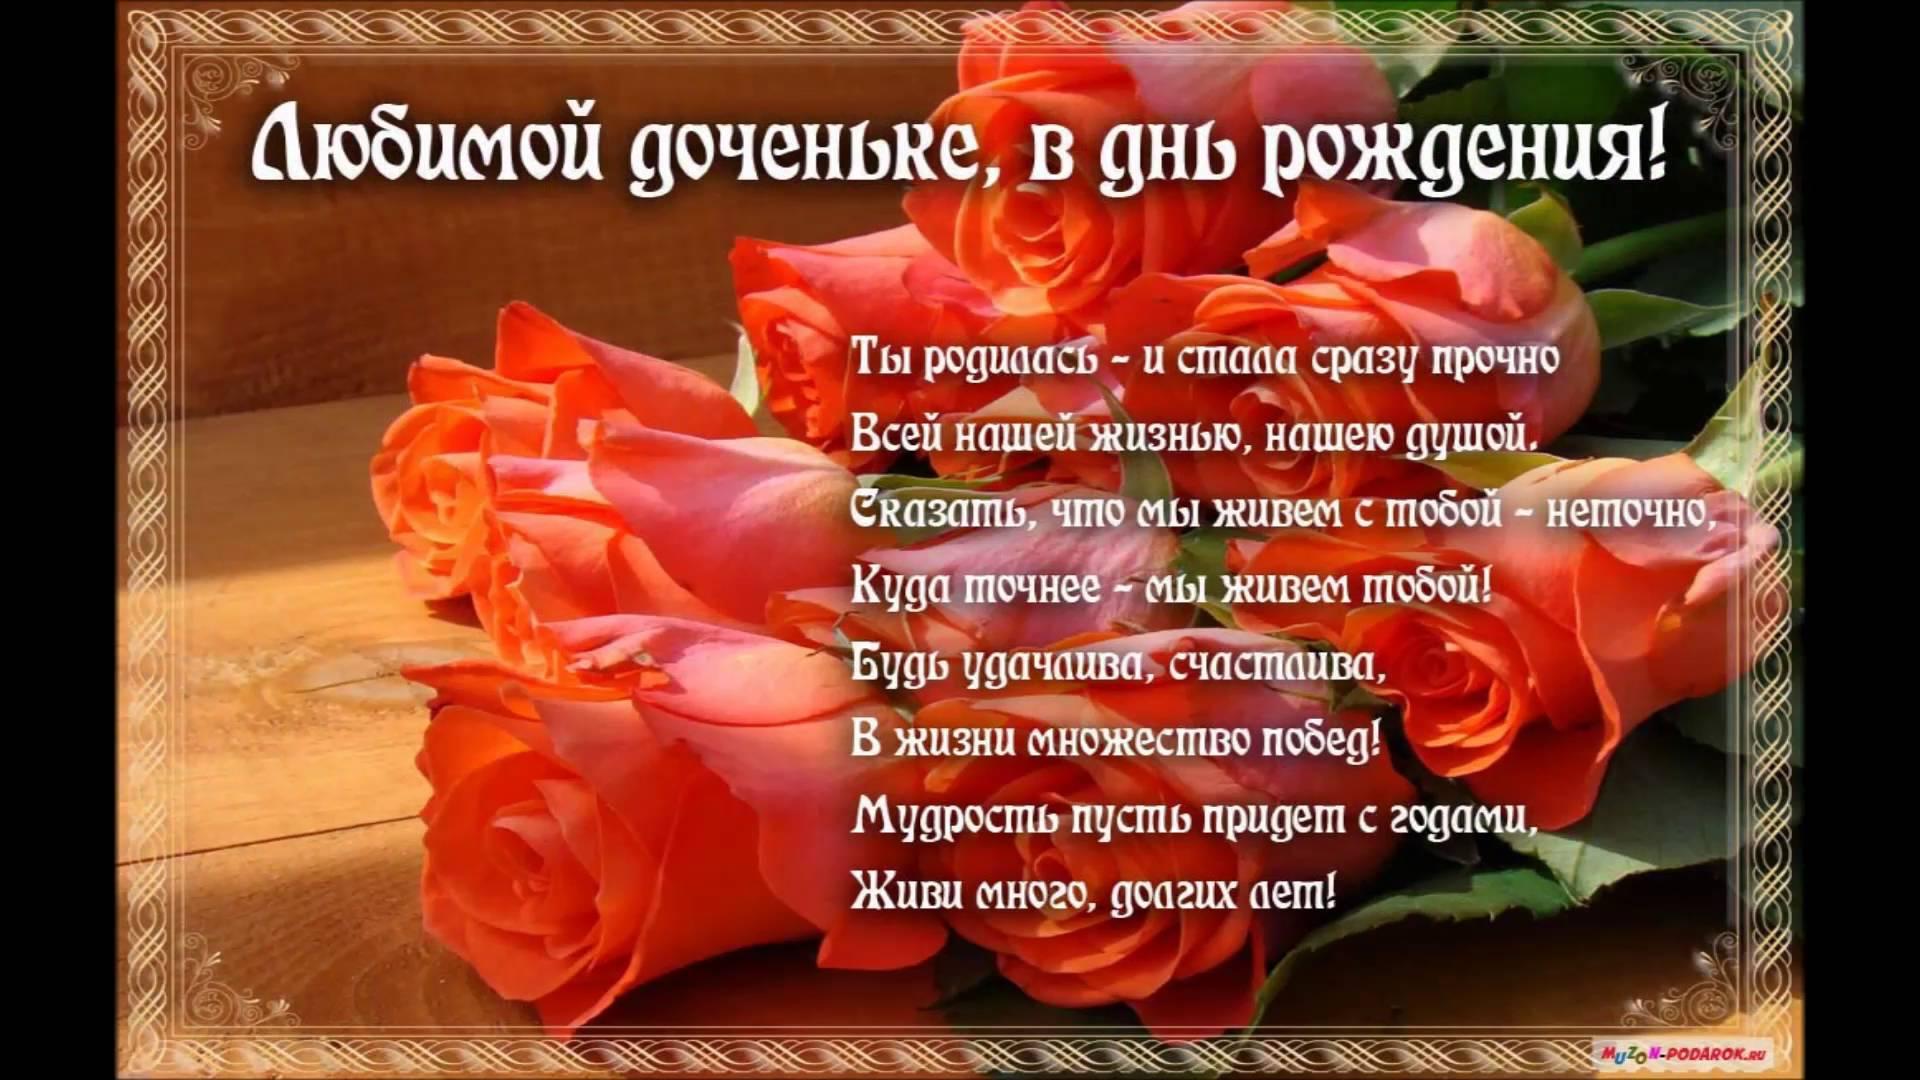 Это прекрасный подарок для женщин